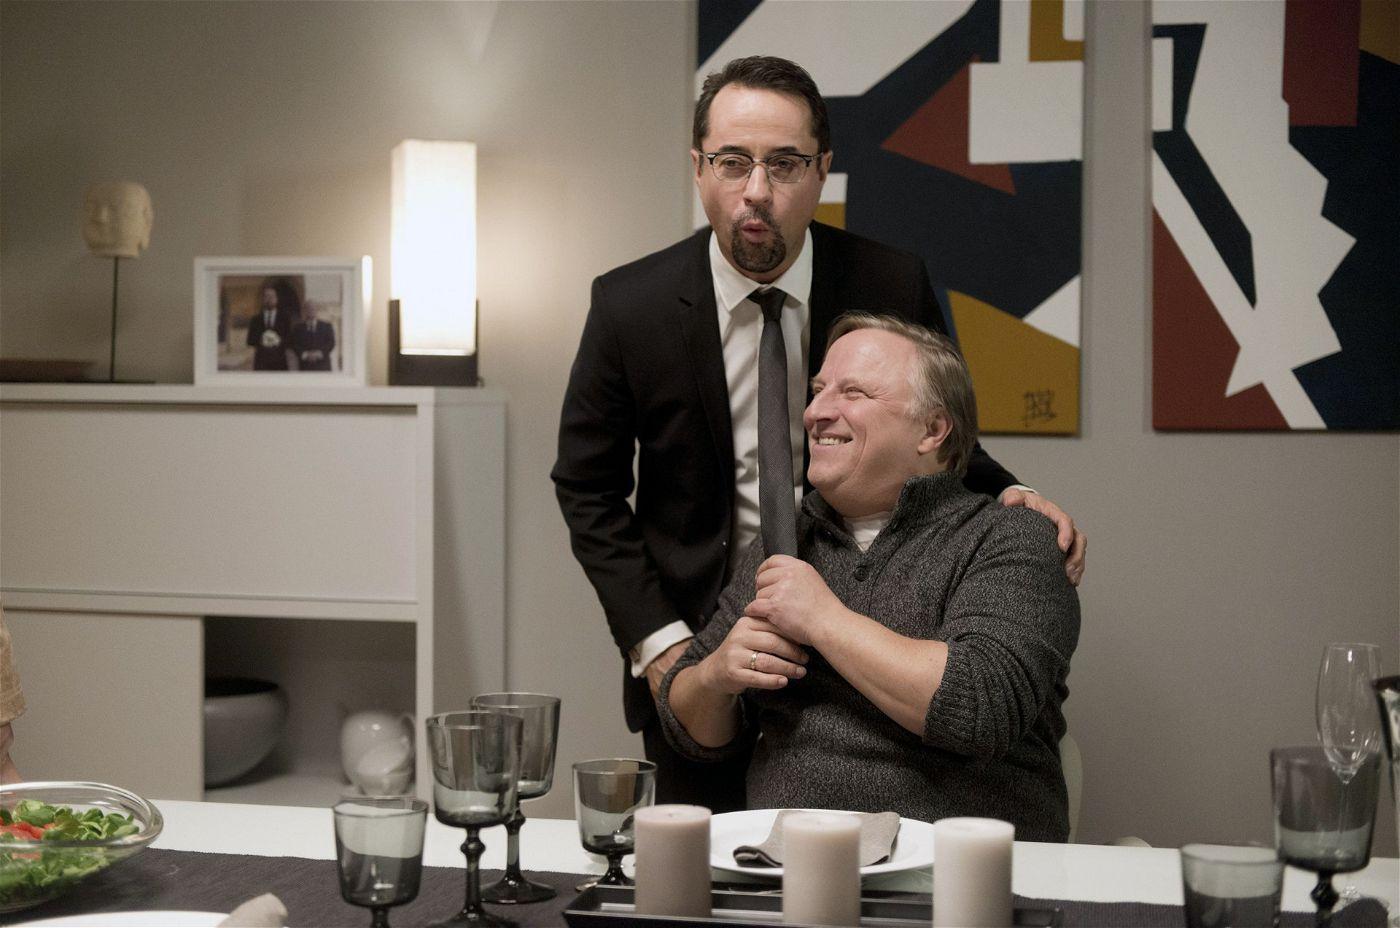 Ein trautes Paar? Prof. Boerne (Jan Josef Liefers) und Kommissar Thiel (Axel Prahl) spielen ein schwules Ehepaar, weil Boernes schwuler reicher Erbonkel Gustav aus Florida zu Besuch kommt.